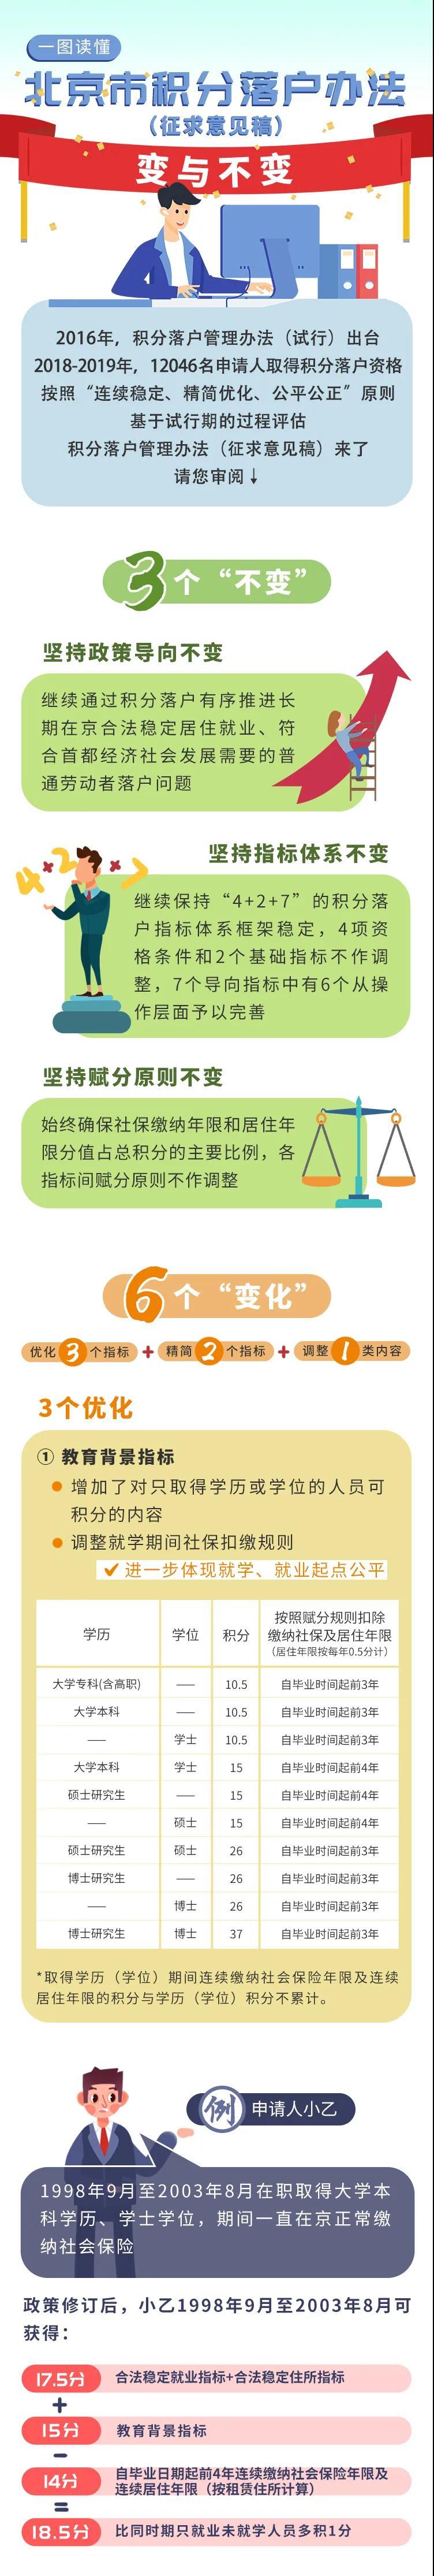 一图看懂《北京市积分落户管理办法》修订的变与不变图片